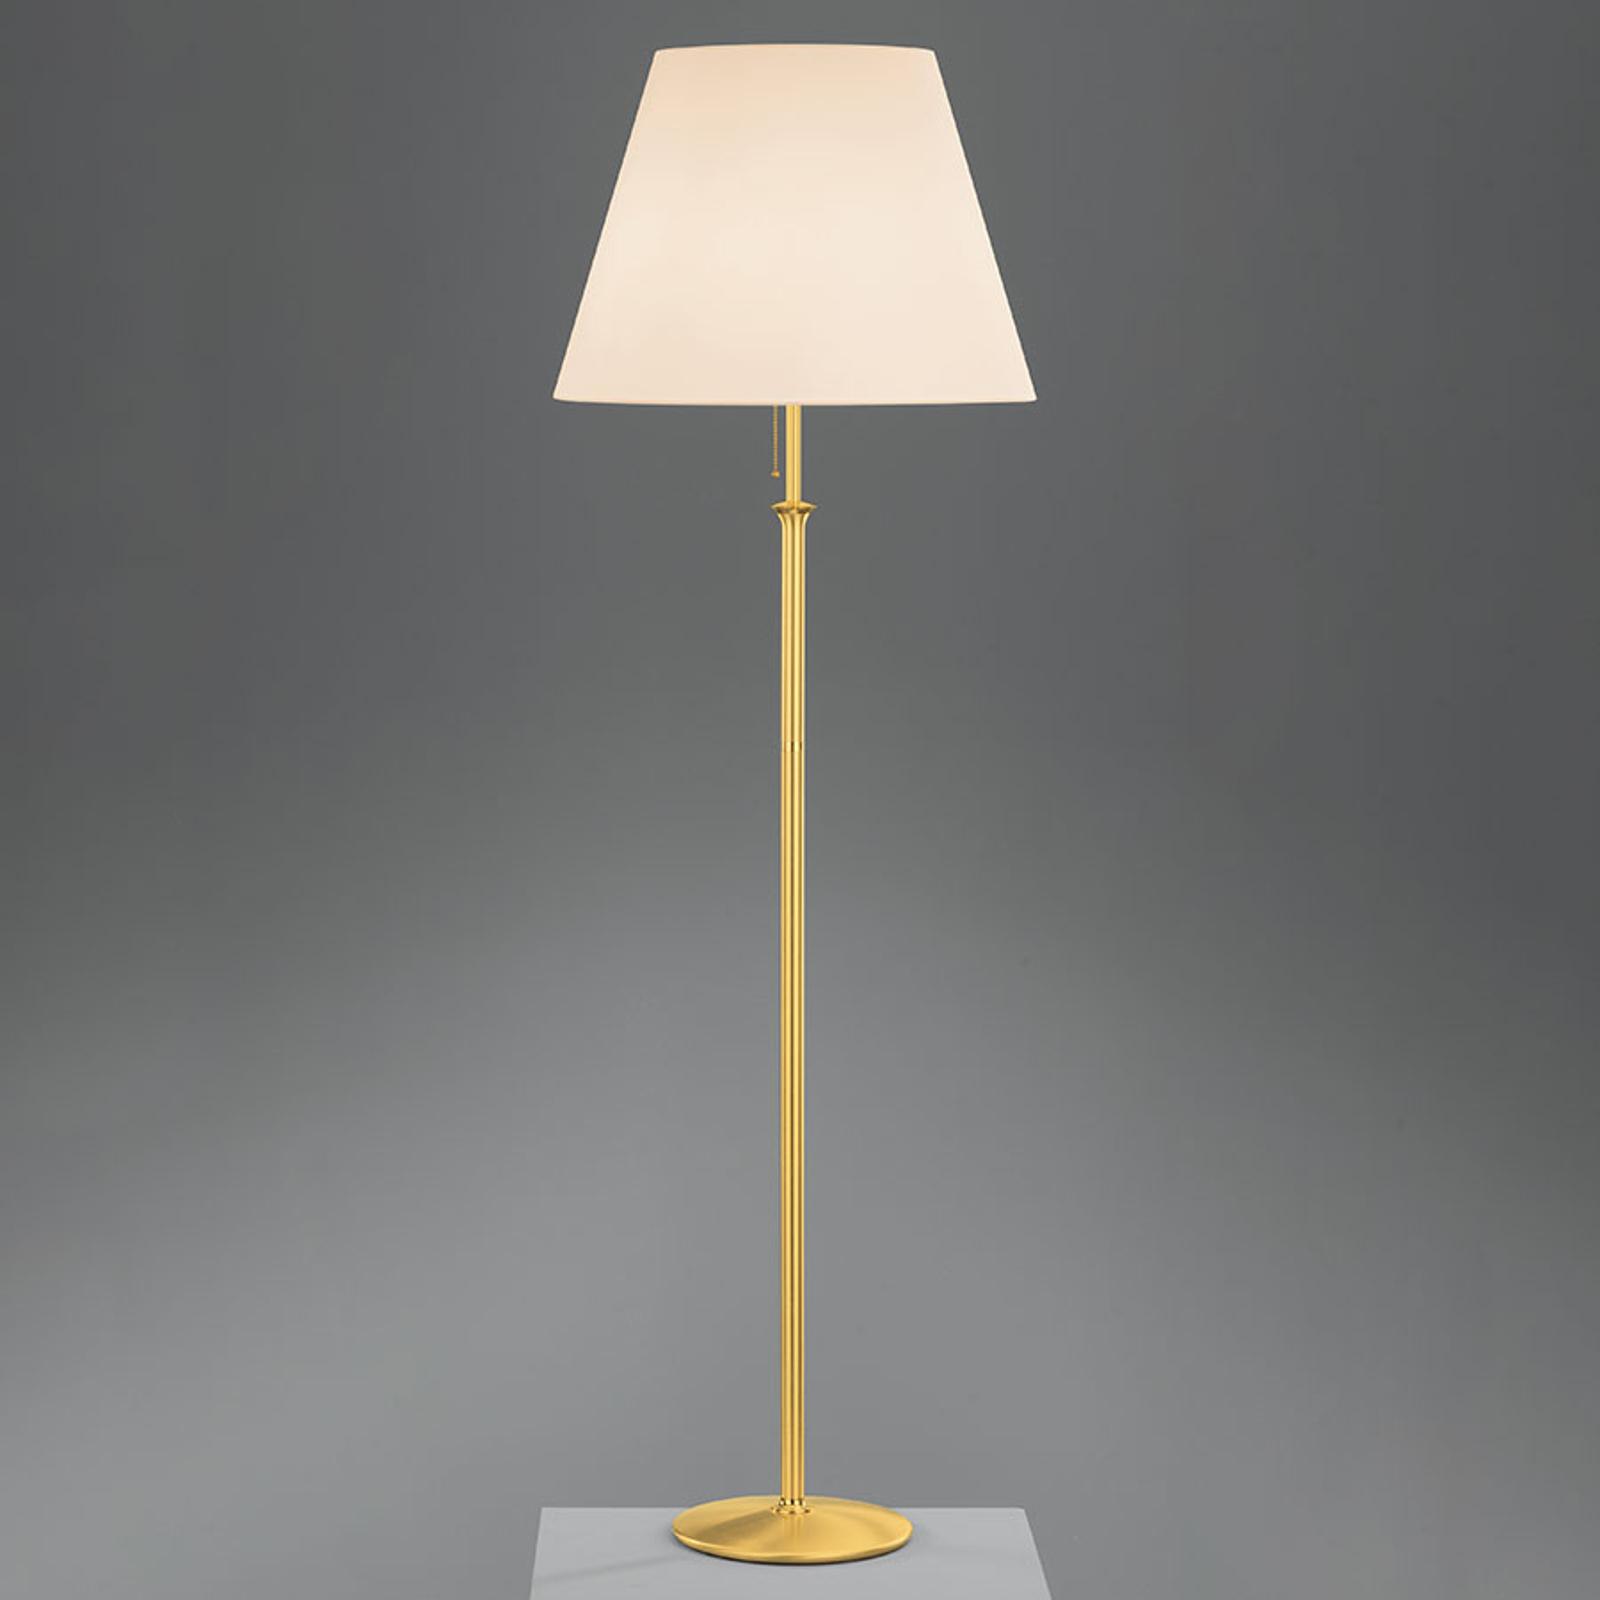 Gulvlampe Royce med takbelysning, krem